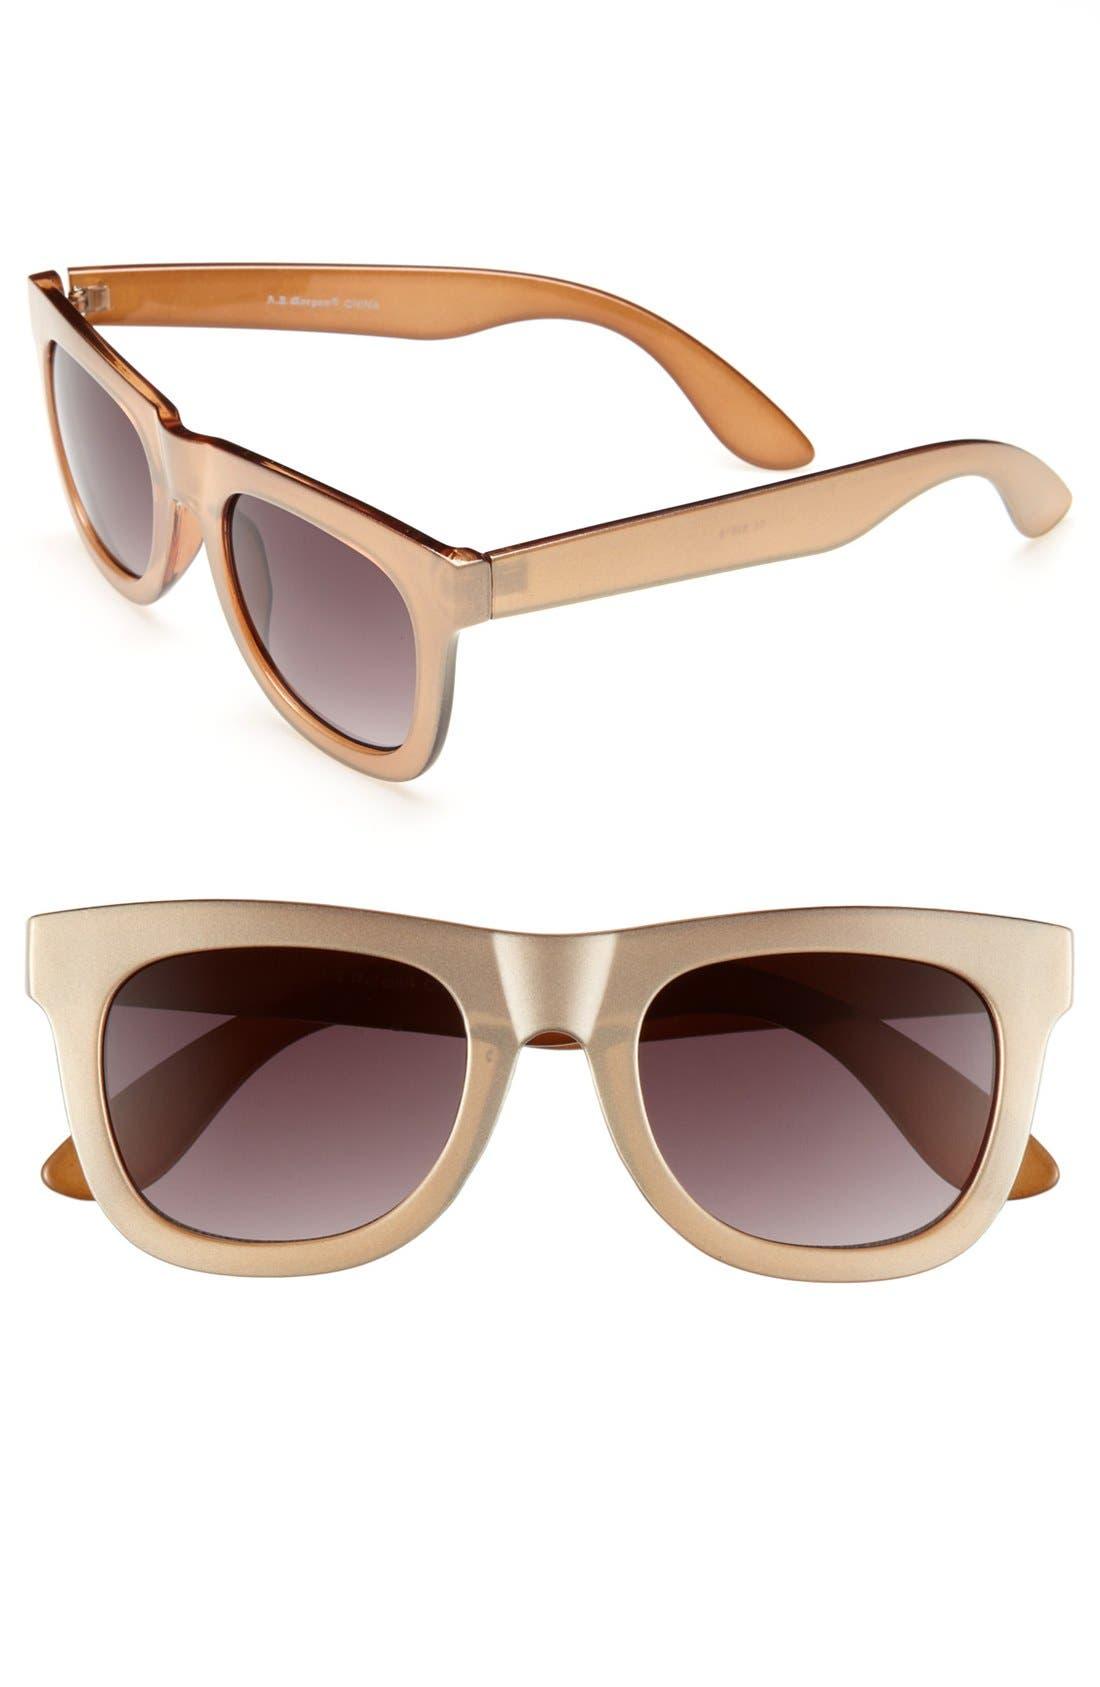 Main Image - A.J. Morgan 'Glitz' Sunglasses